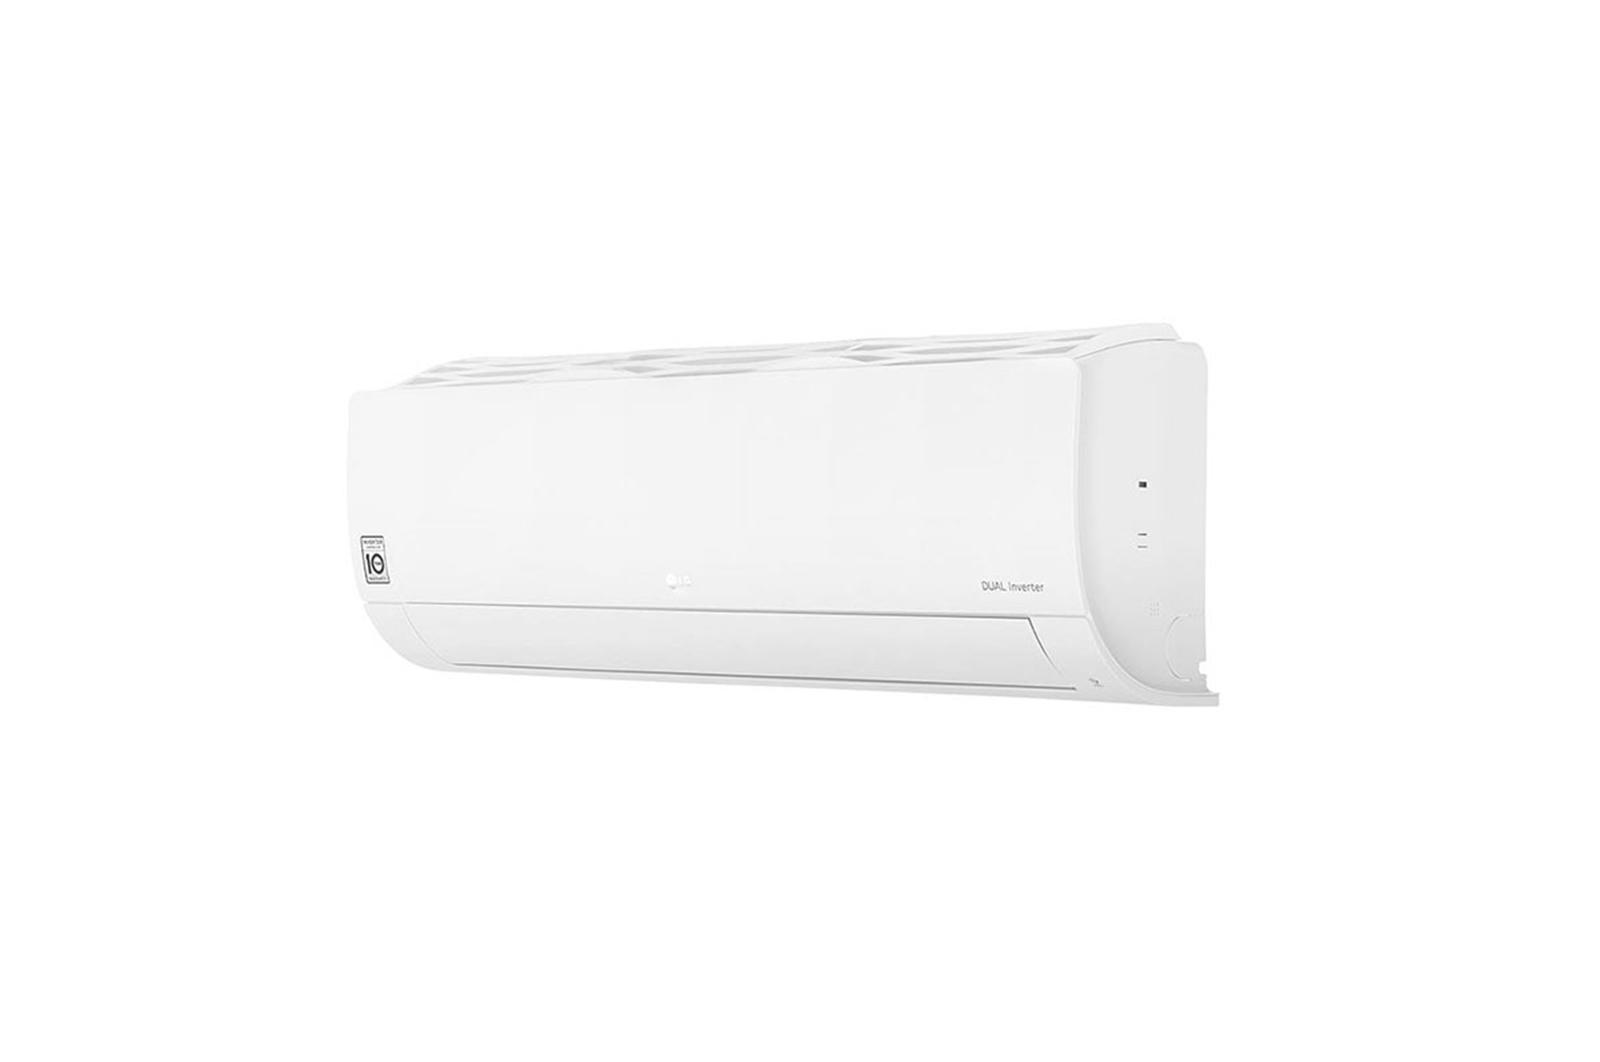 แอร์บ้านราคาถูก By Sntairhome | LG (Dual Inverter) IG18R.SE ขนาด 18,000 BTU น้ำยา R32